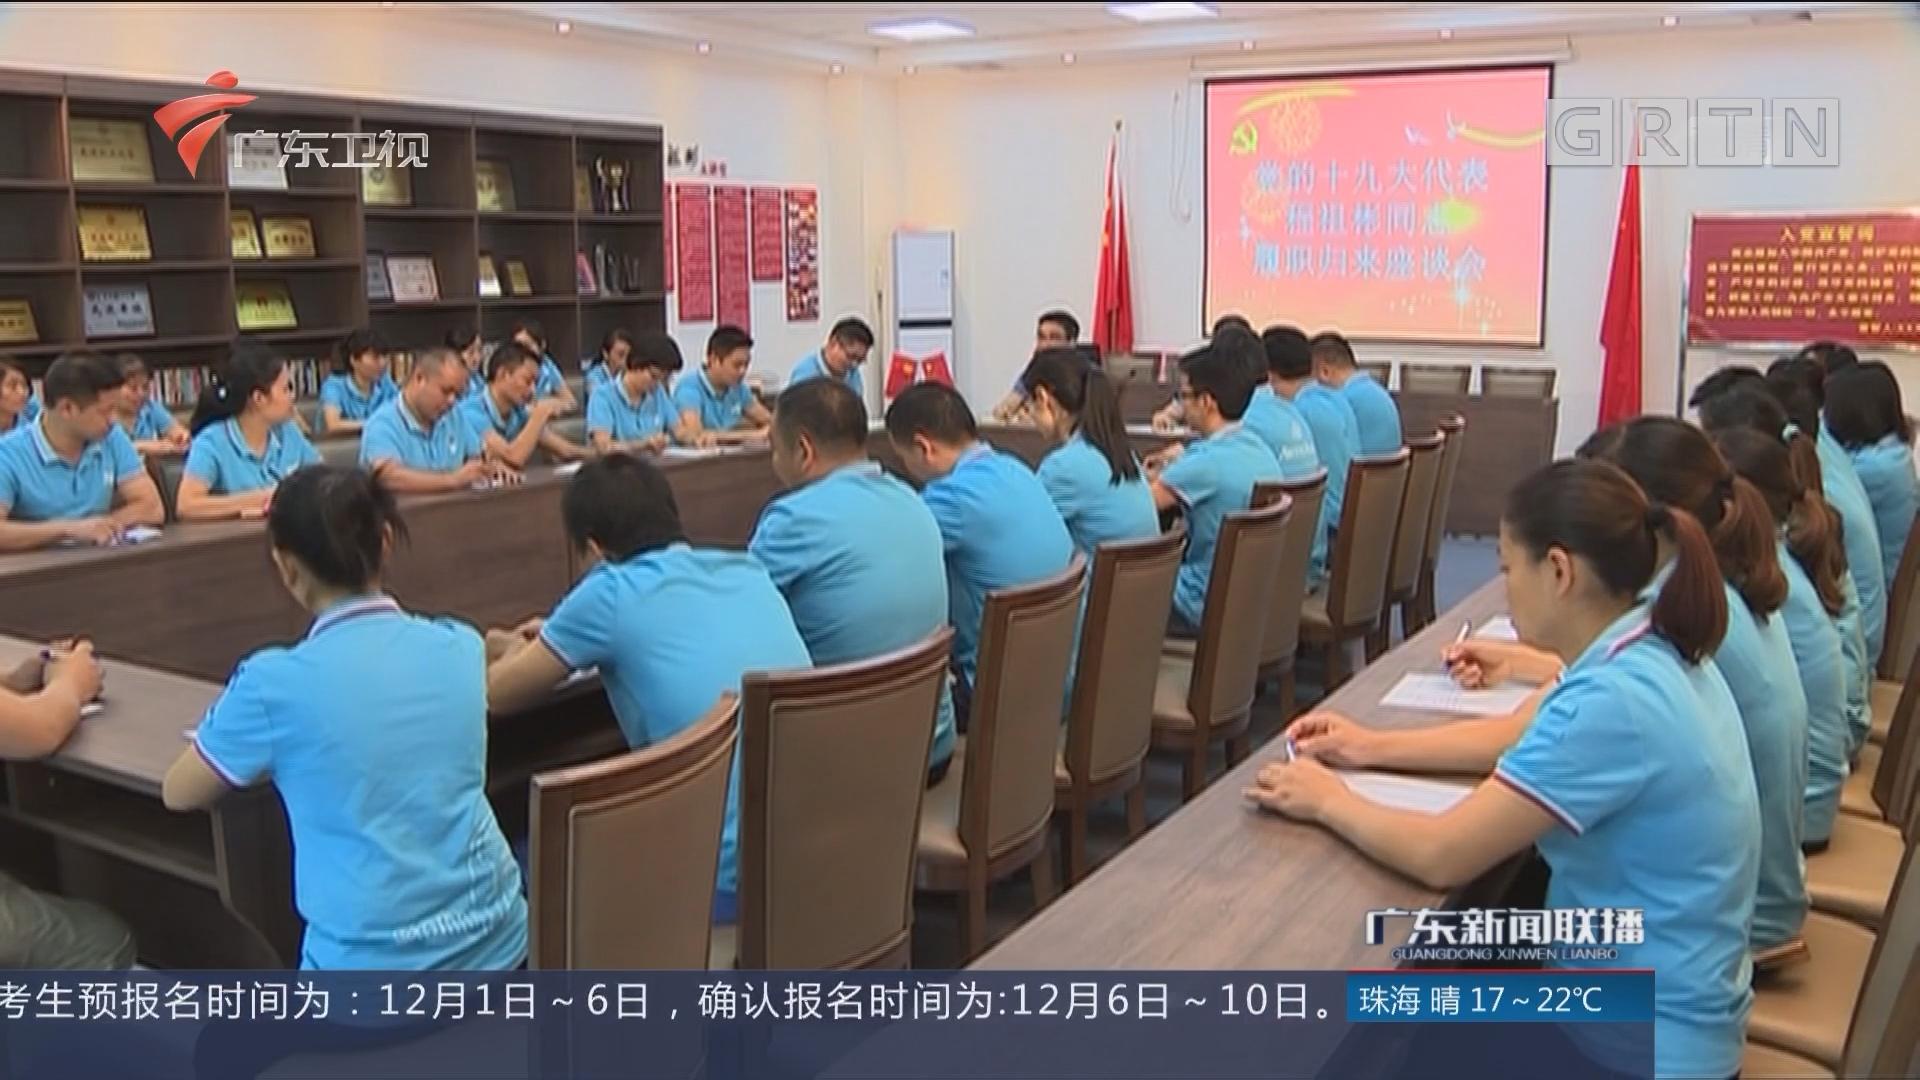 广东积极发挥生产和工作第一线代表作用 迅速掀起十九大精神学习宣传贯彻热潮